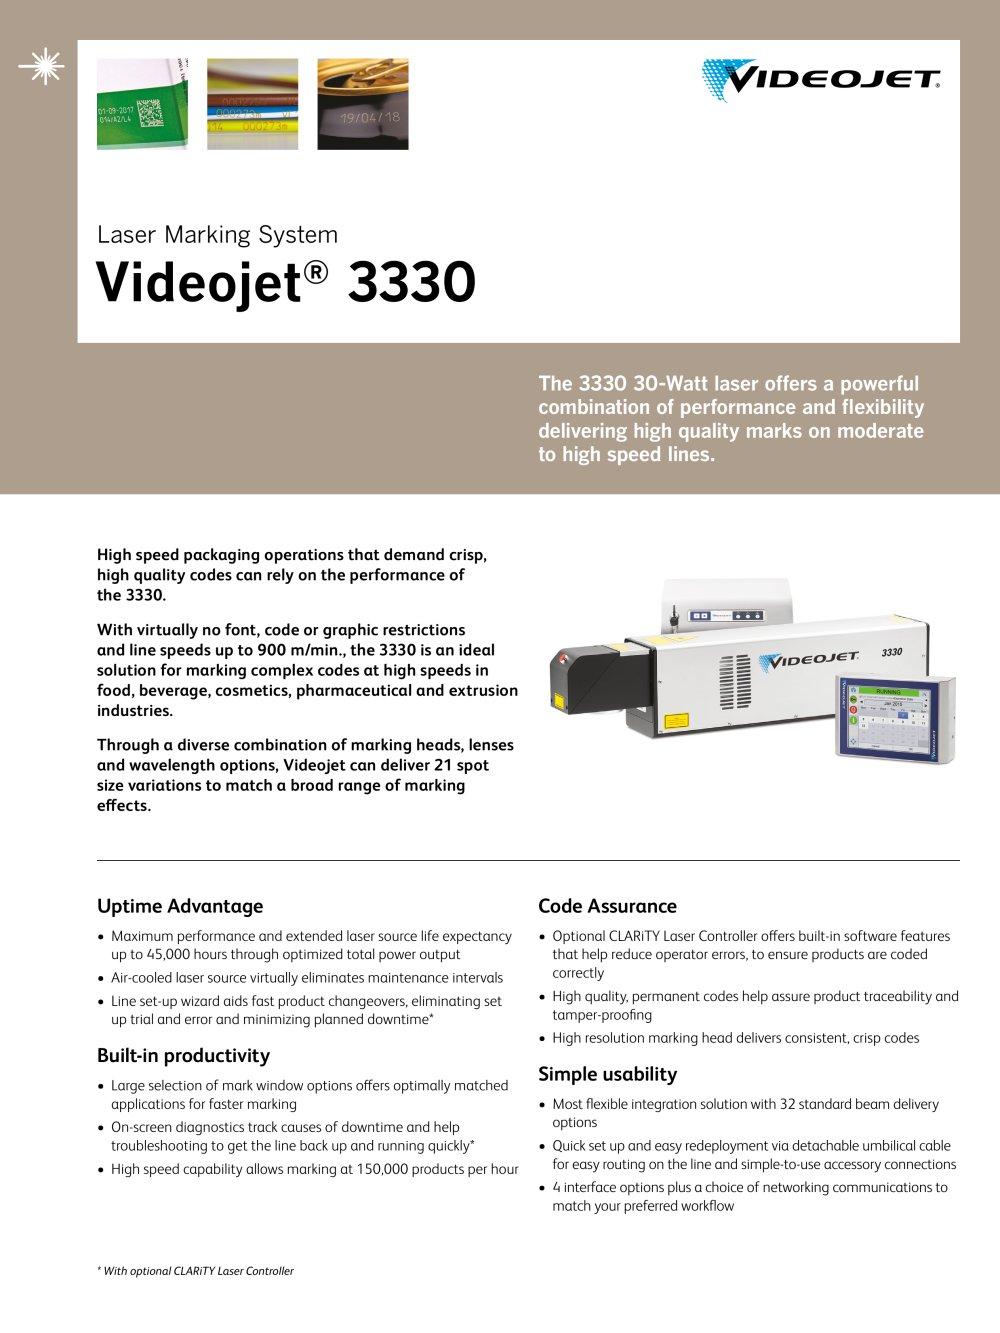 Laser Marking System Videojet ® 3330 - 1 / 2 Pages